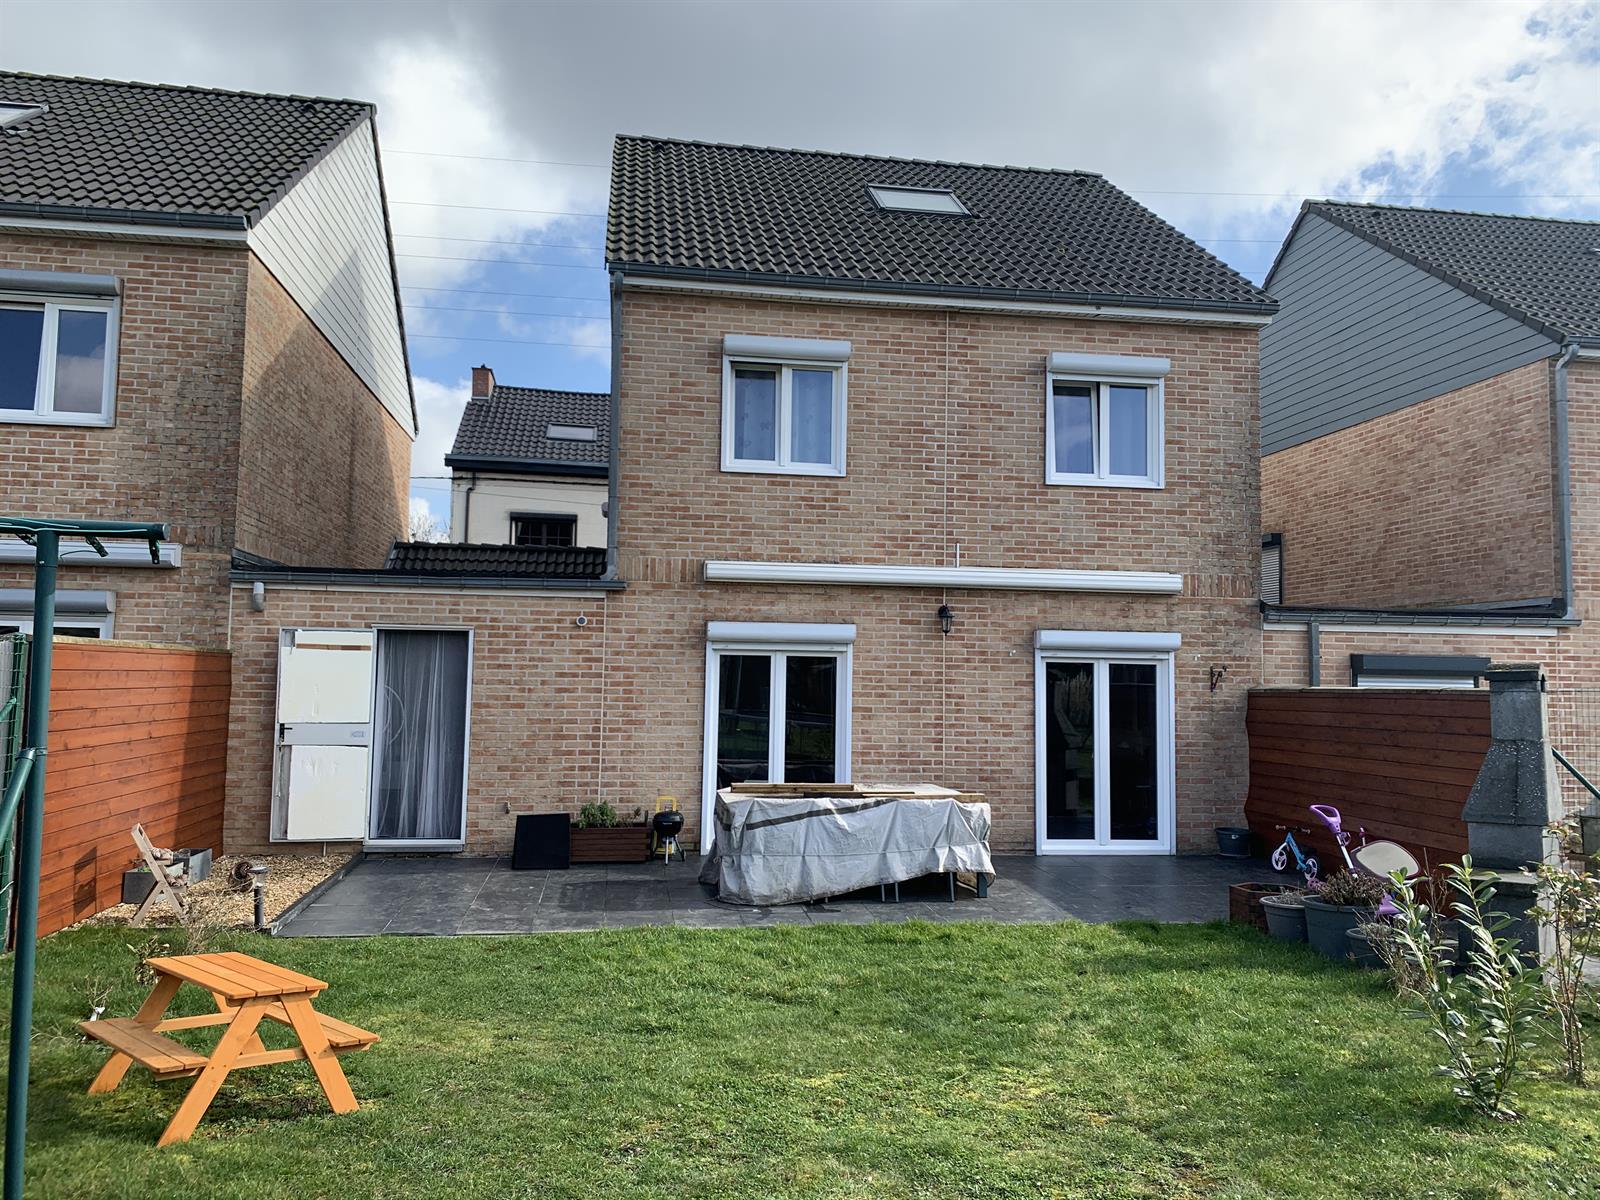 Maison - Charleroi - #4292230-0